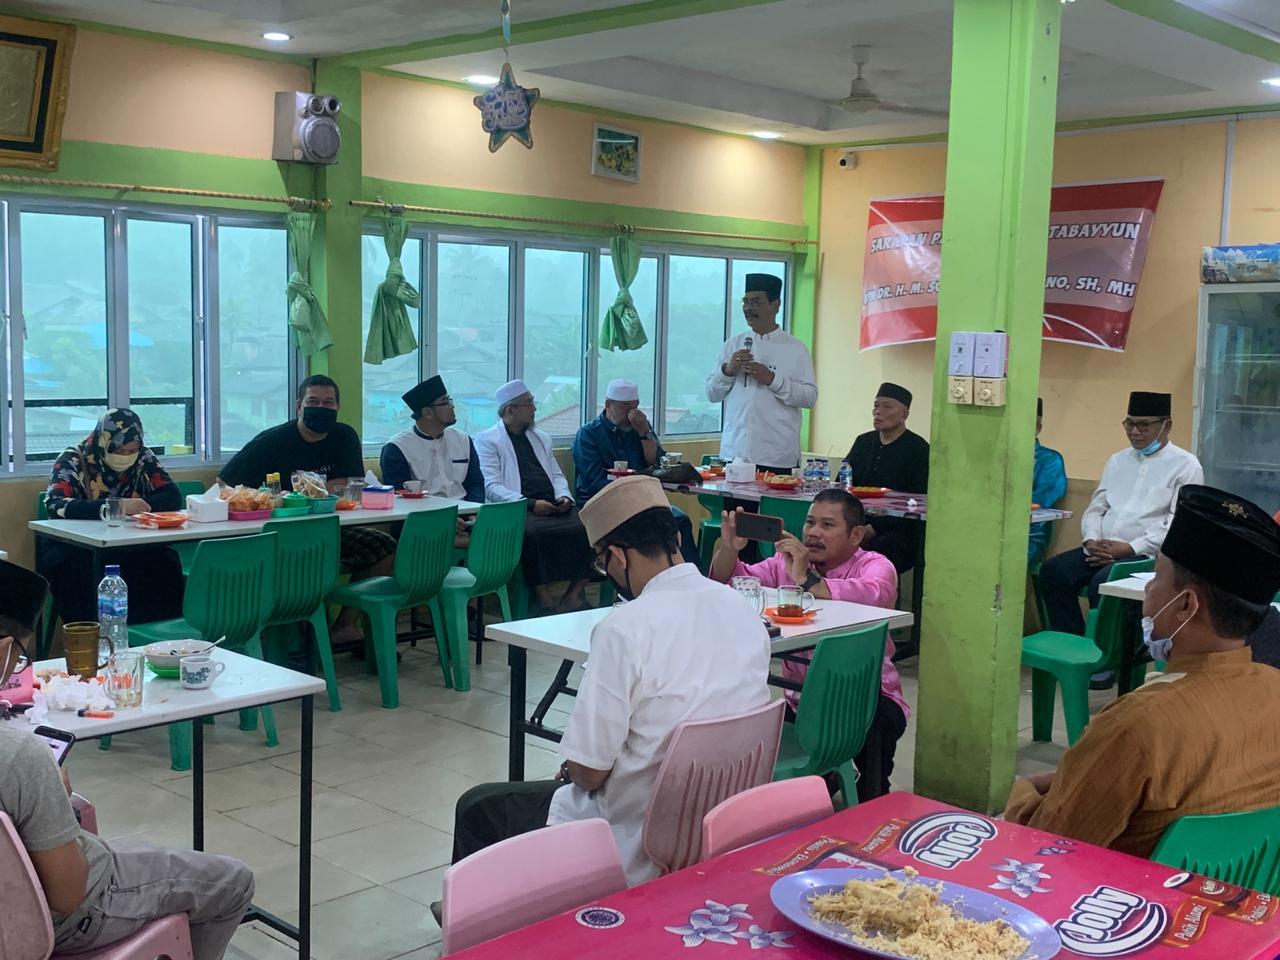 Soerya Respationo Tabayyun Bersama Ustadz-Ustadz Se-Tanjungpinang